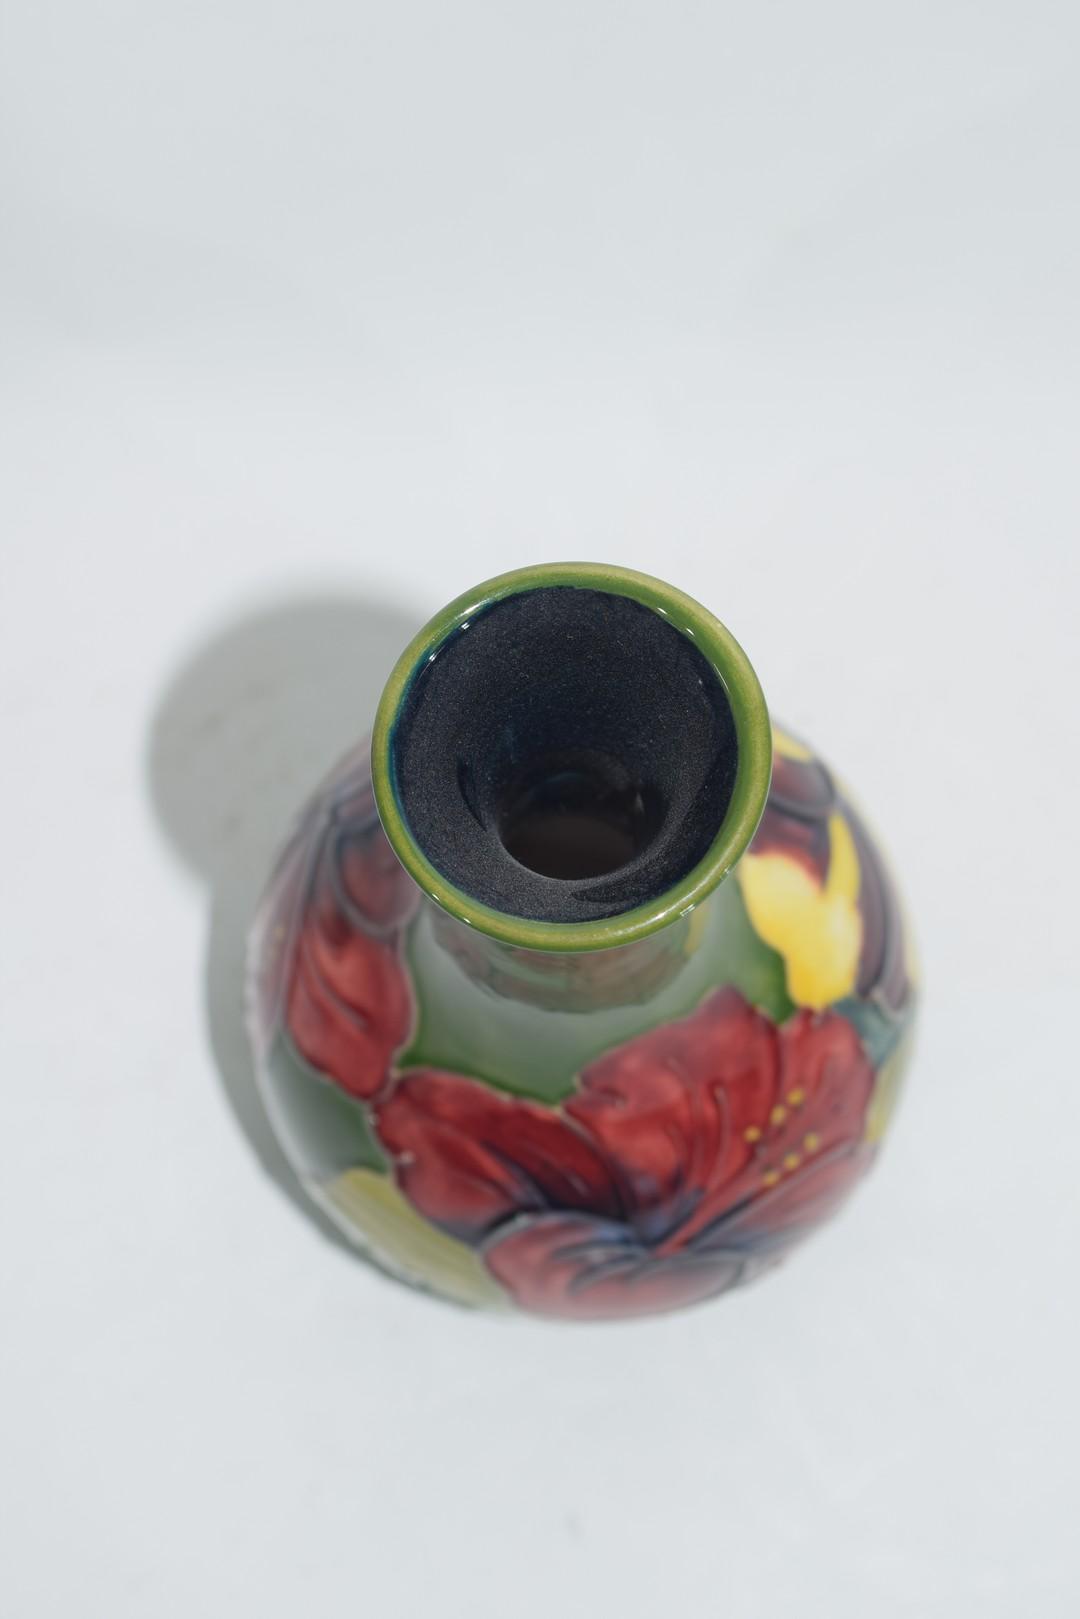 Modern Moorcroft vase - Image 5 of 6